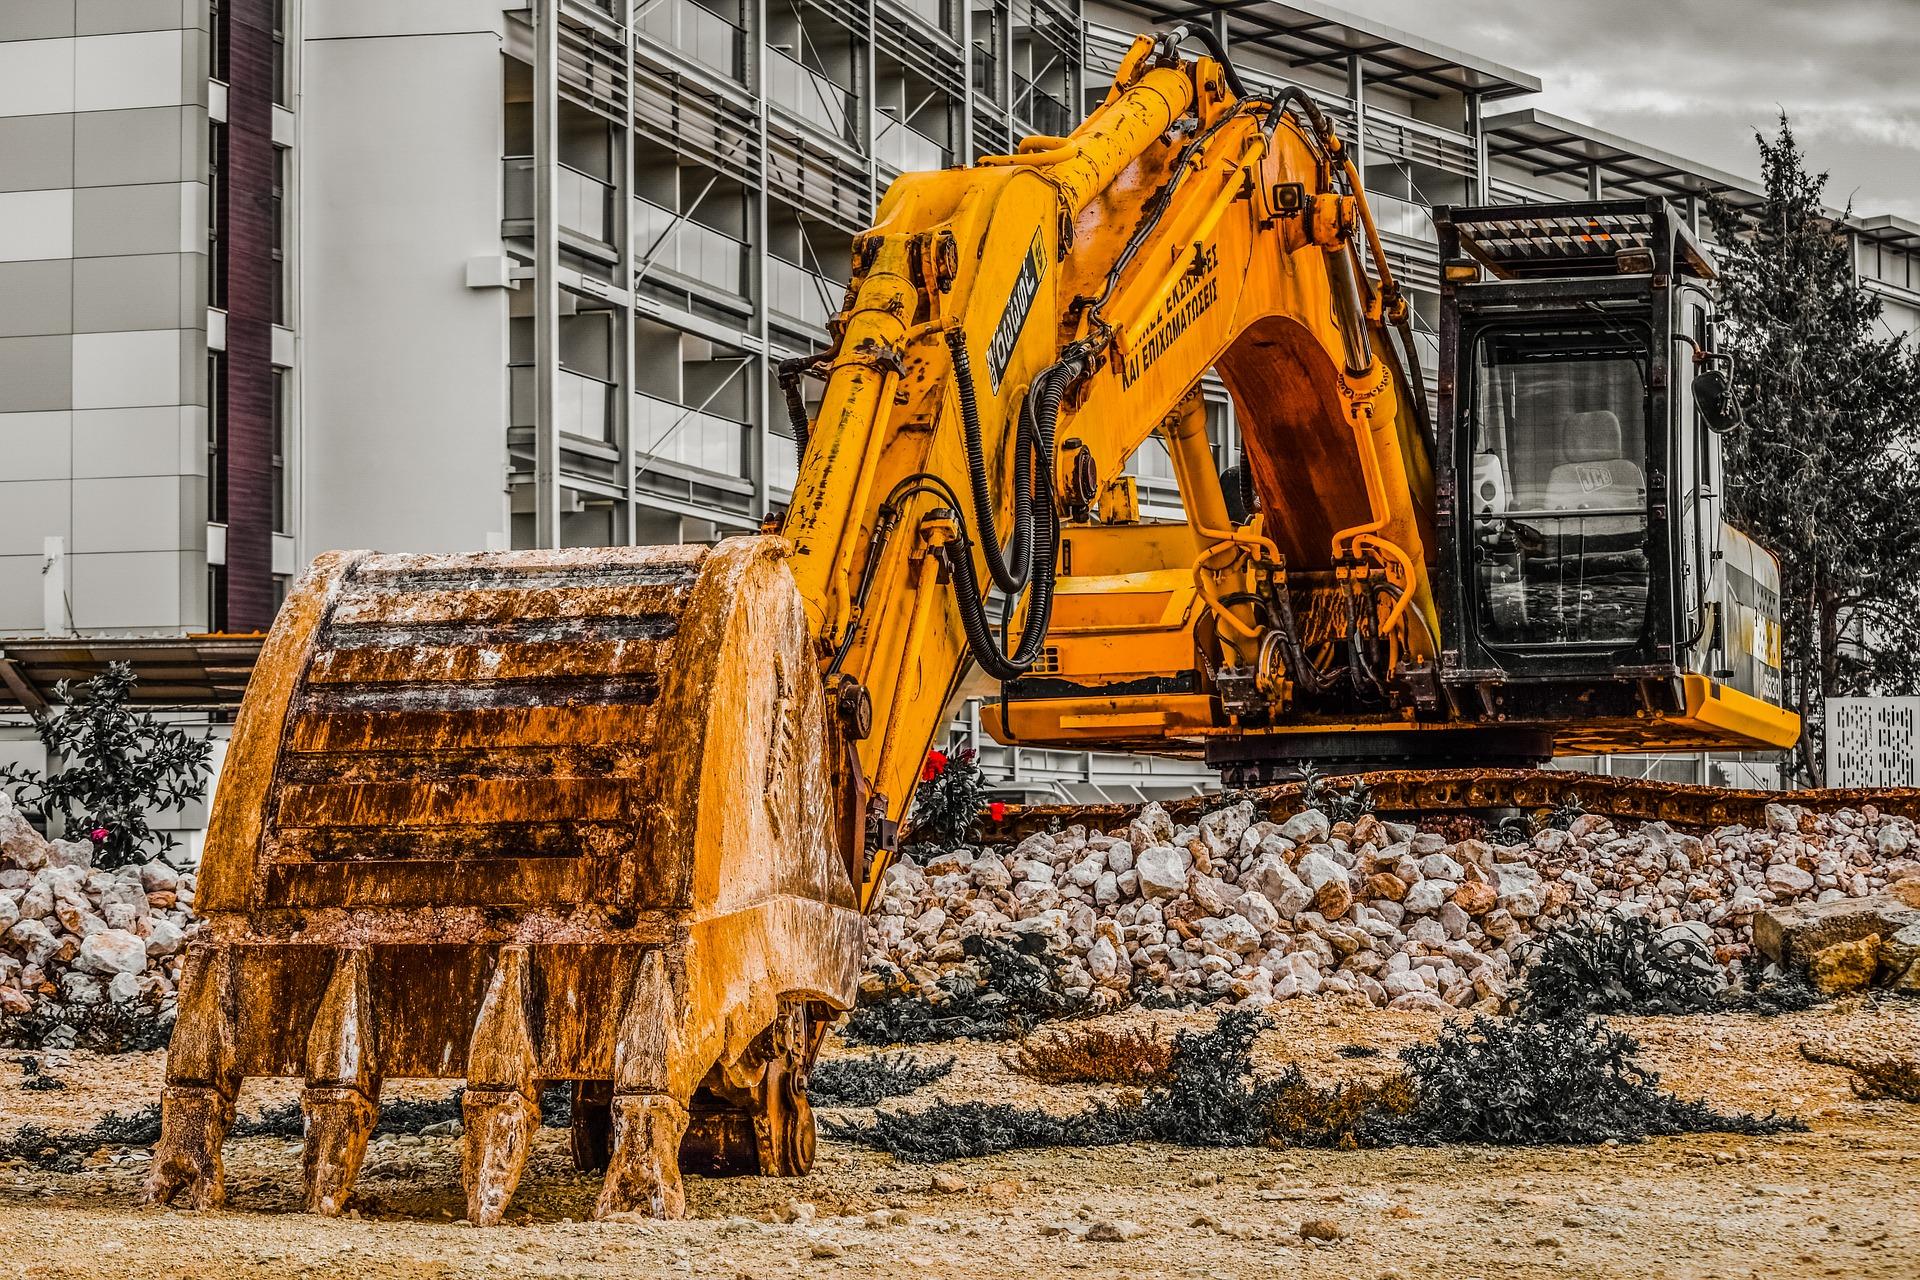 Sorveglianza per cantieri edili